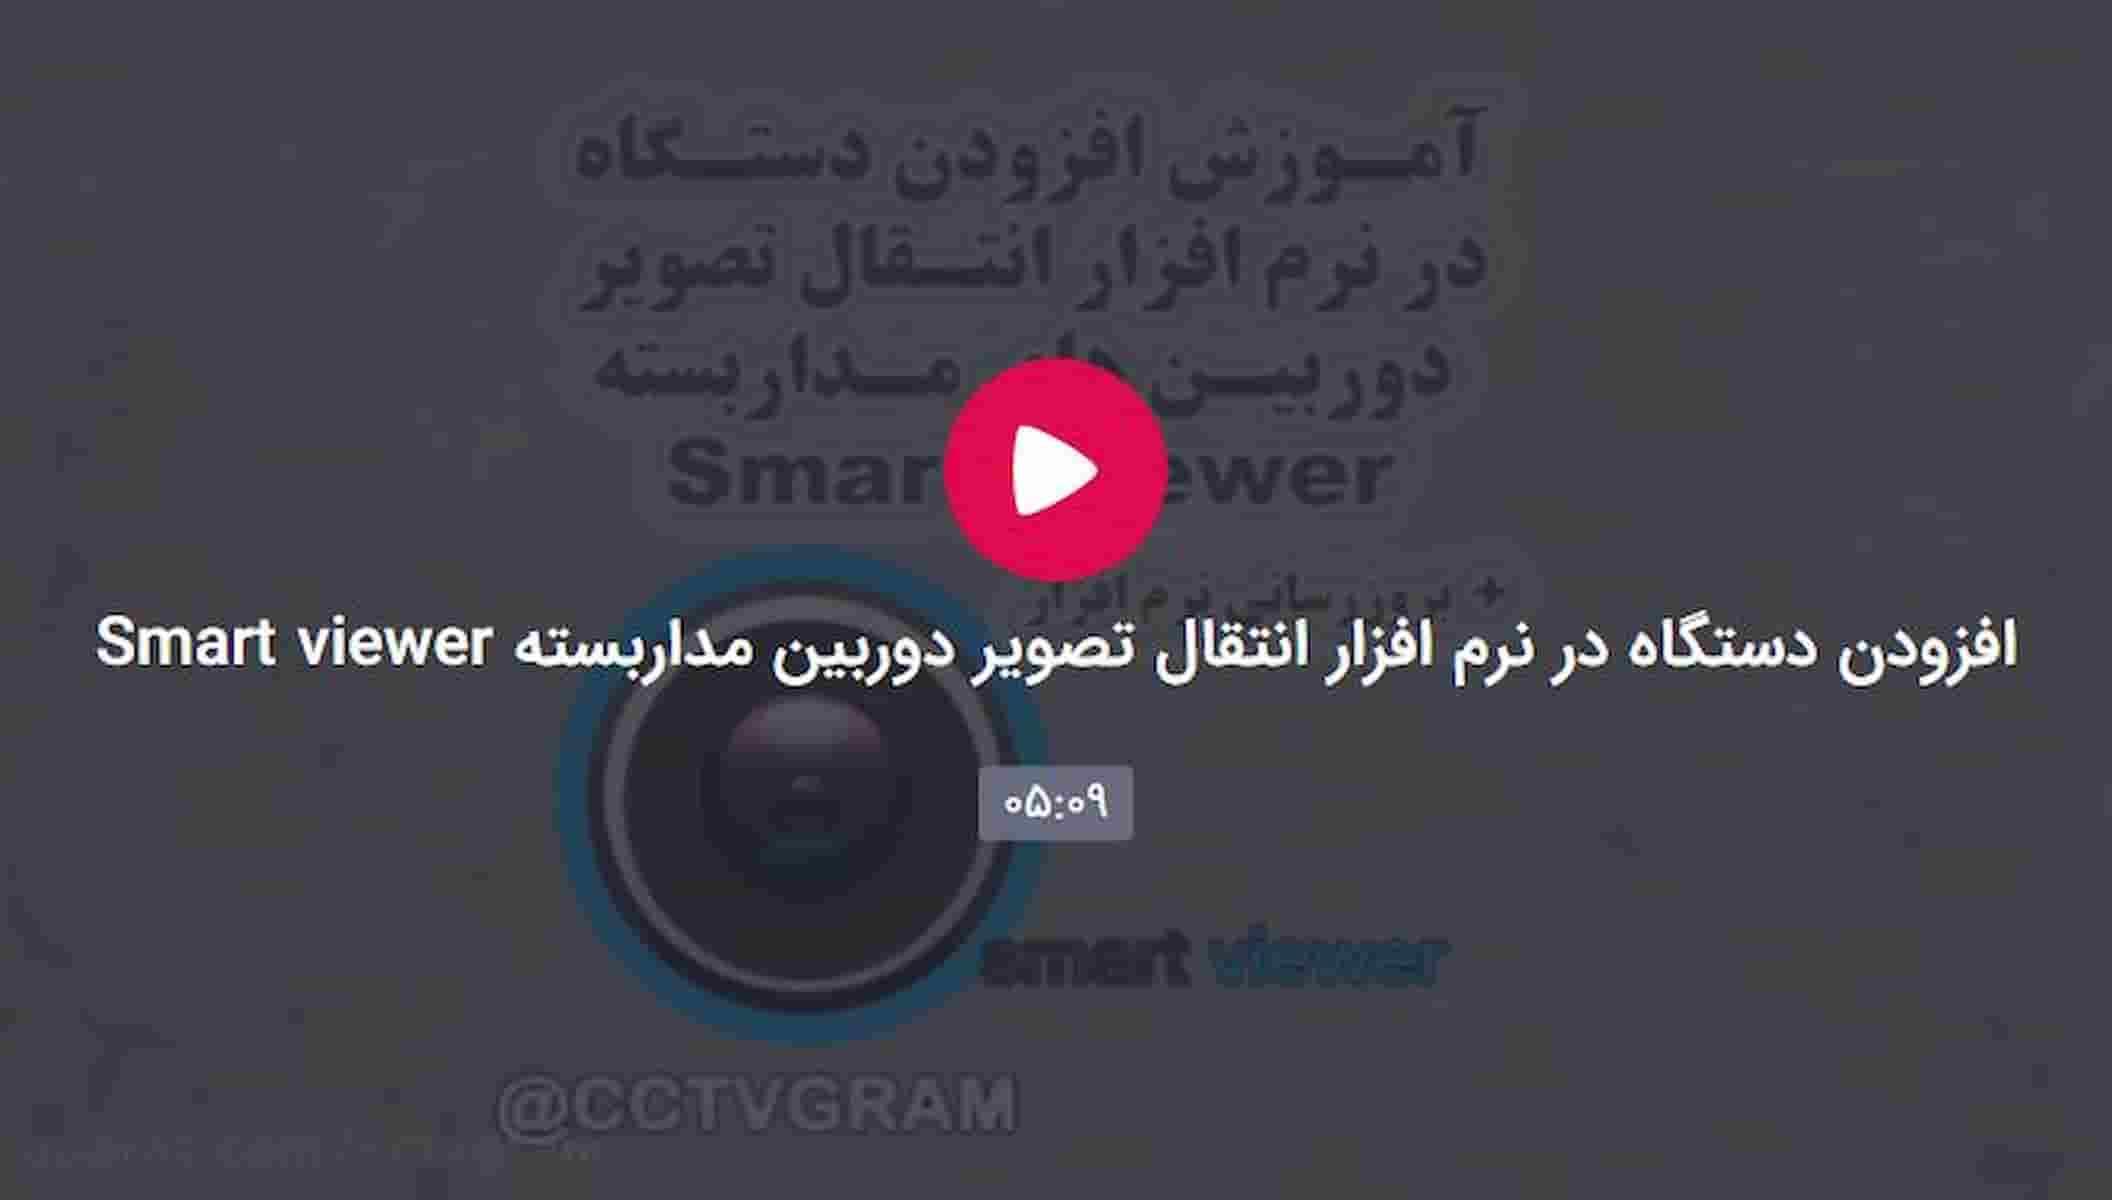 آموزش نرم افزار انتقال تصویر Smart Viewer Pro